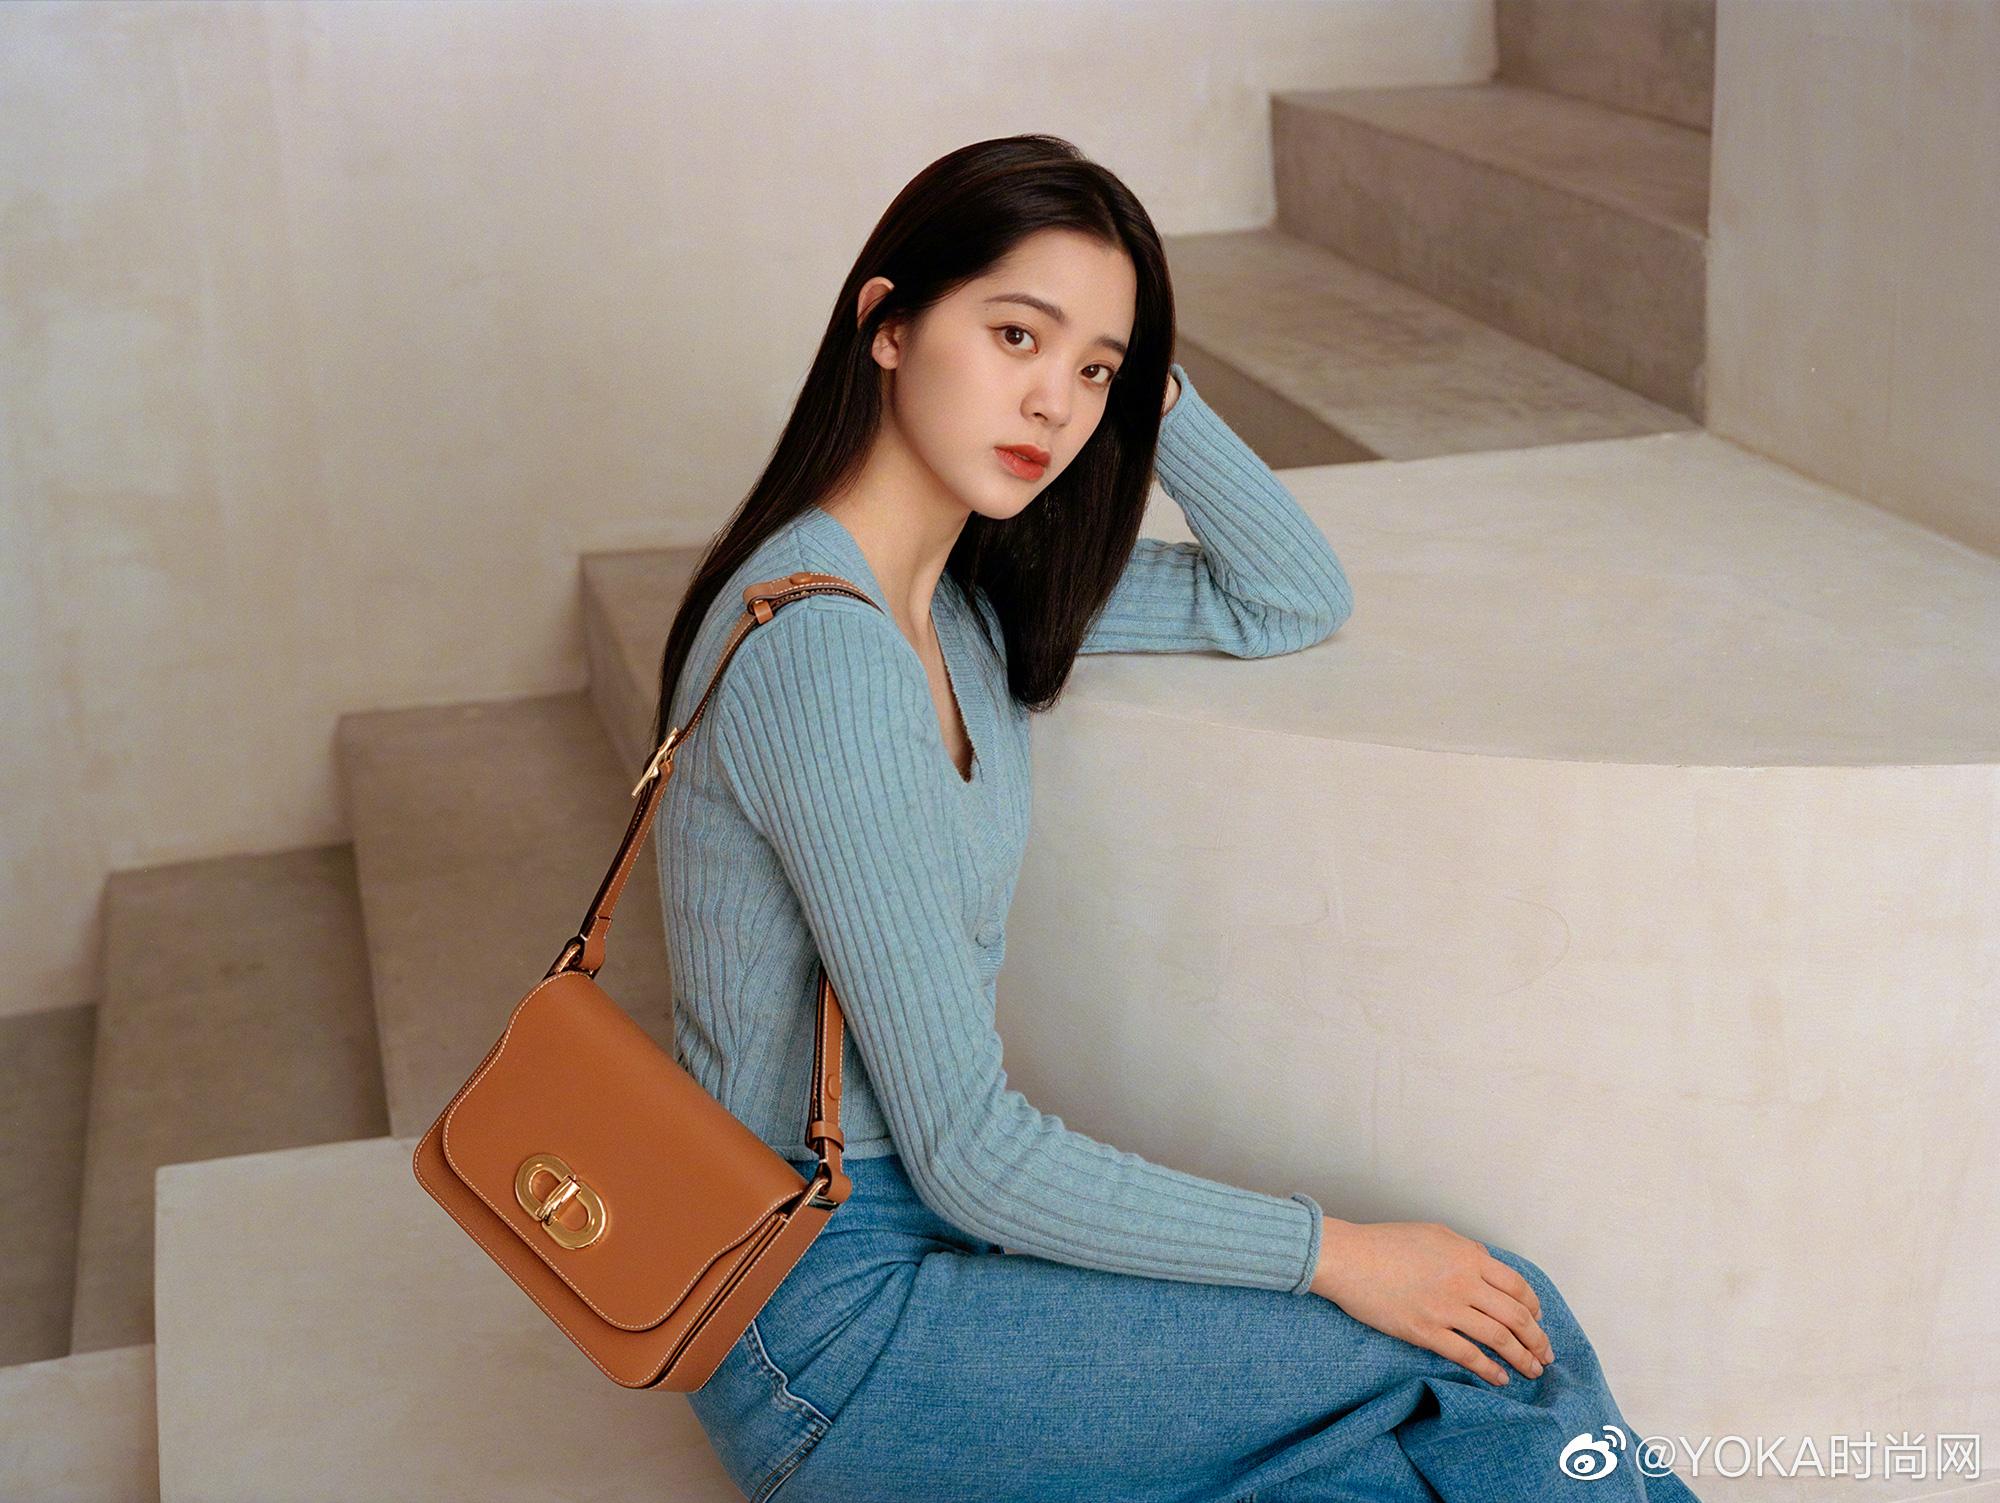 Hóng đồ Zara, H&M, Uniqlo được sao Hoa Hàn diện đợt này, biết ngay đâu là items đáng sắm nhất - Ảnh 2.